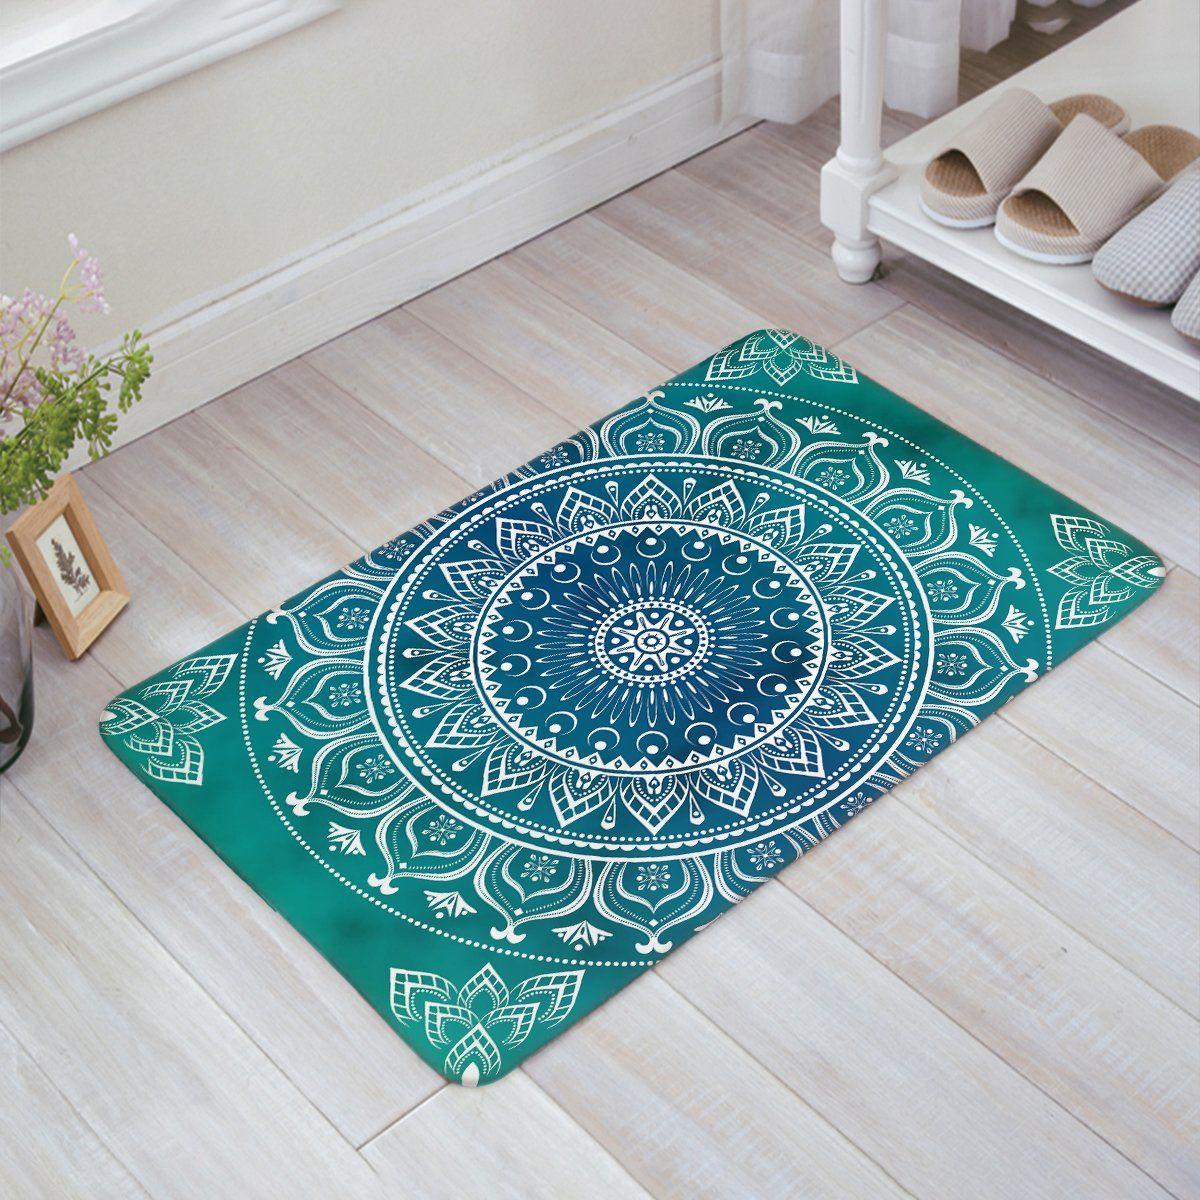 Libaoge Mandala Medallion Pattern Design Doormat Welcome Mat Entrance Mat Indoor Outdoor Door Mats Floor Mat Rug Mat Space Rugs Door Mat Bohemian Area Rugs